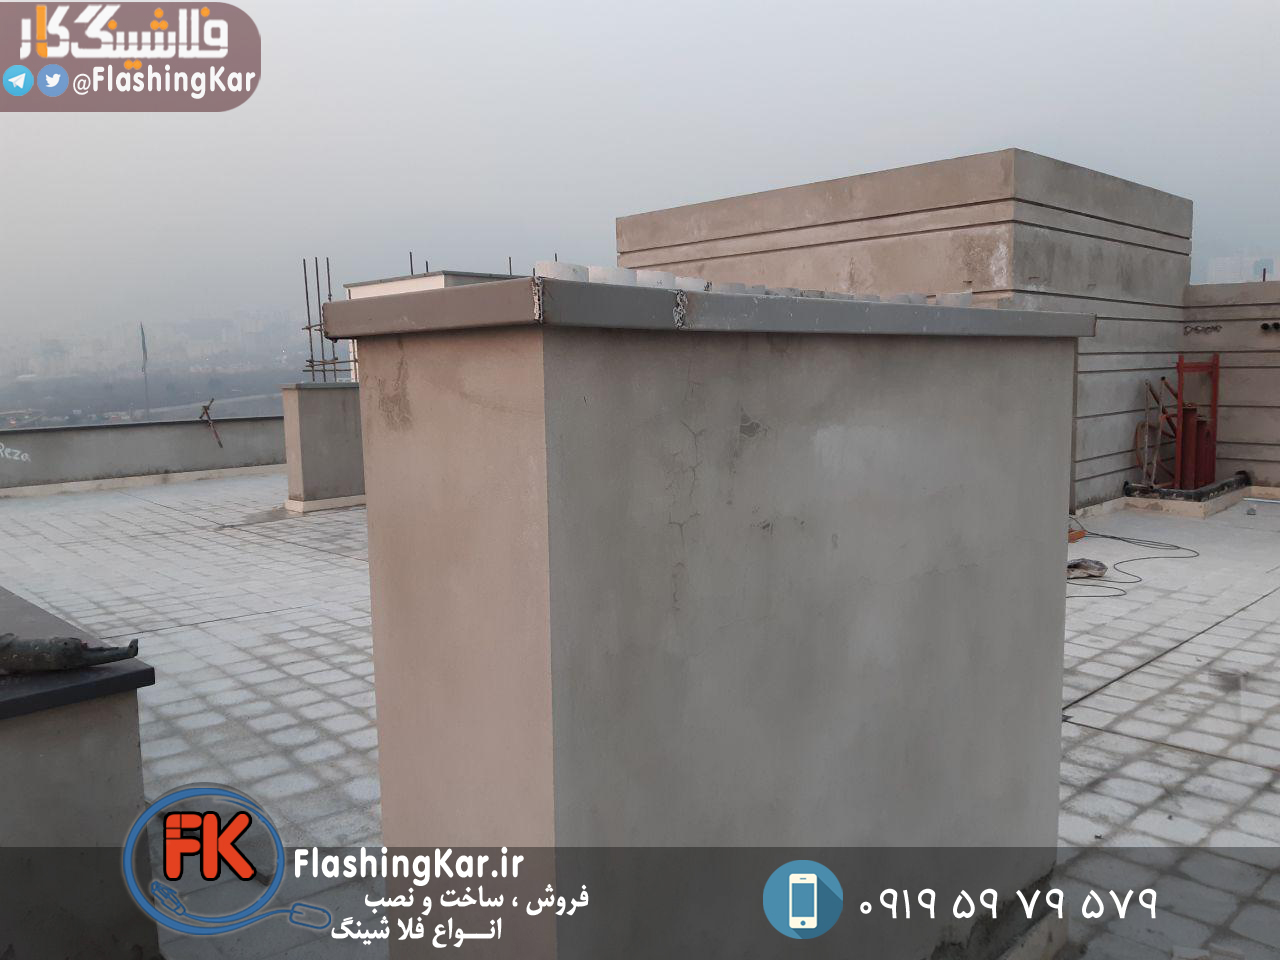 نمونه فلاشینگ دور کلاهک